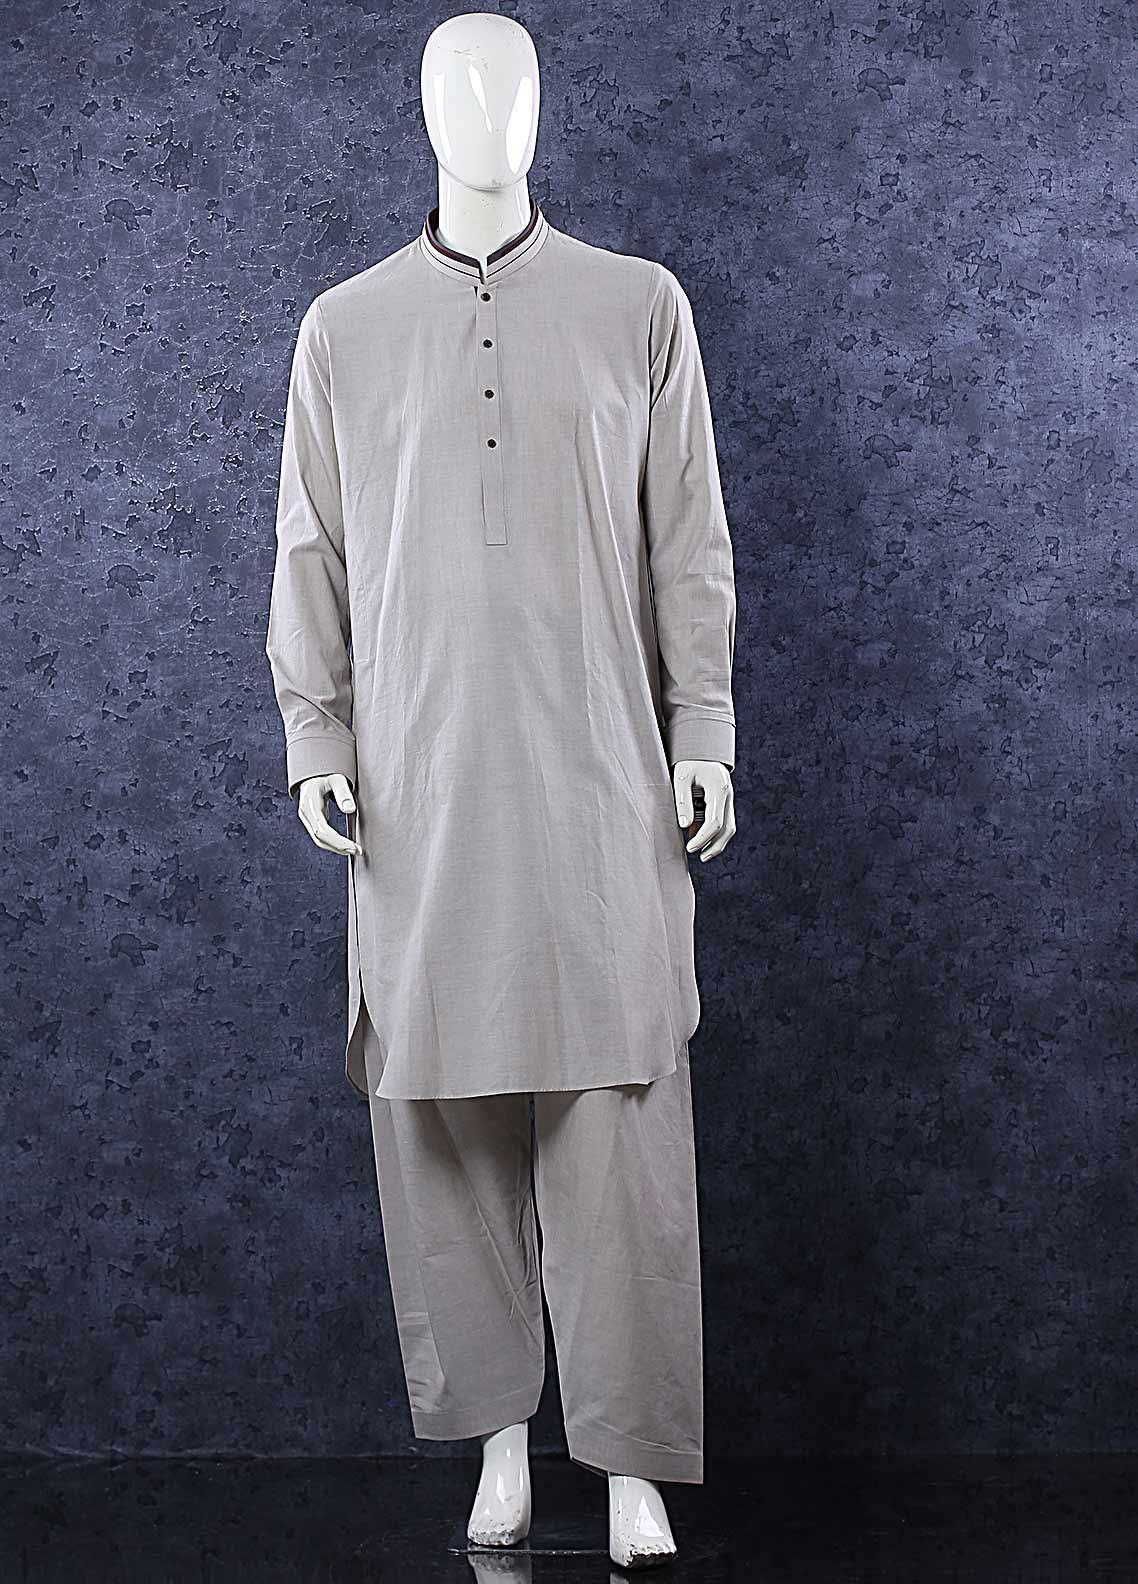 Aizaz Zafar Wash N Wear Formal Shalwar Kameez for Men -  685 Khaki